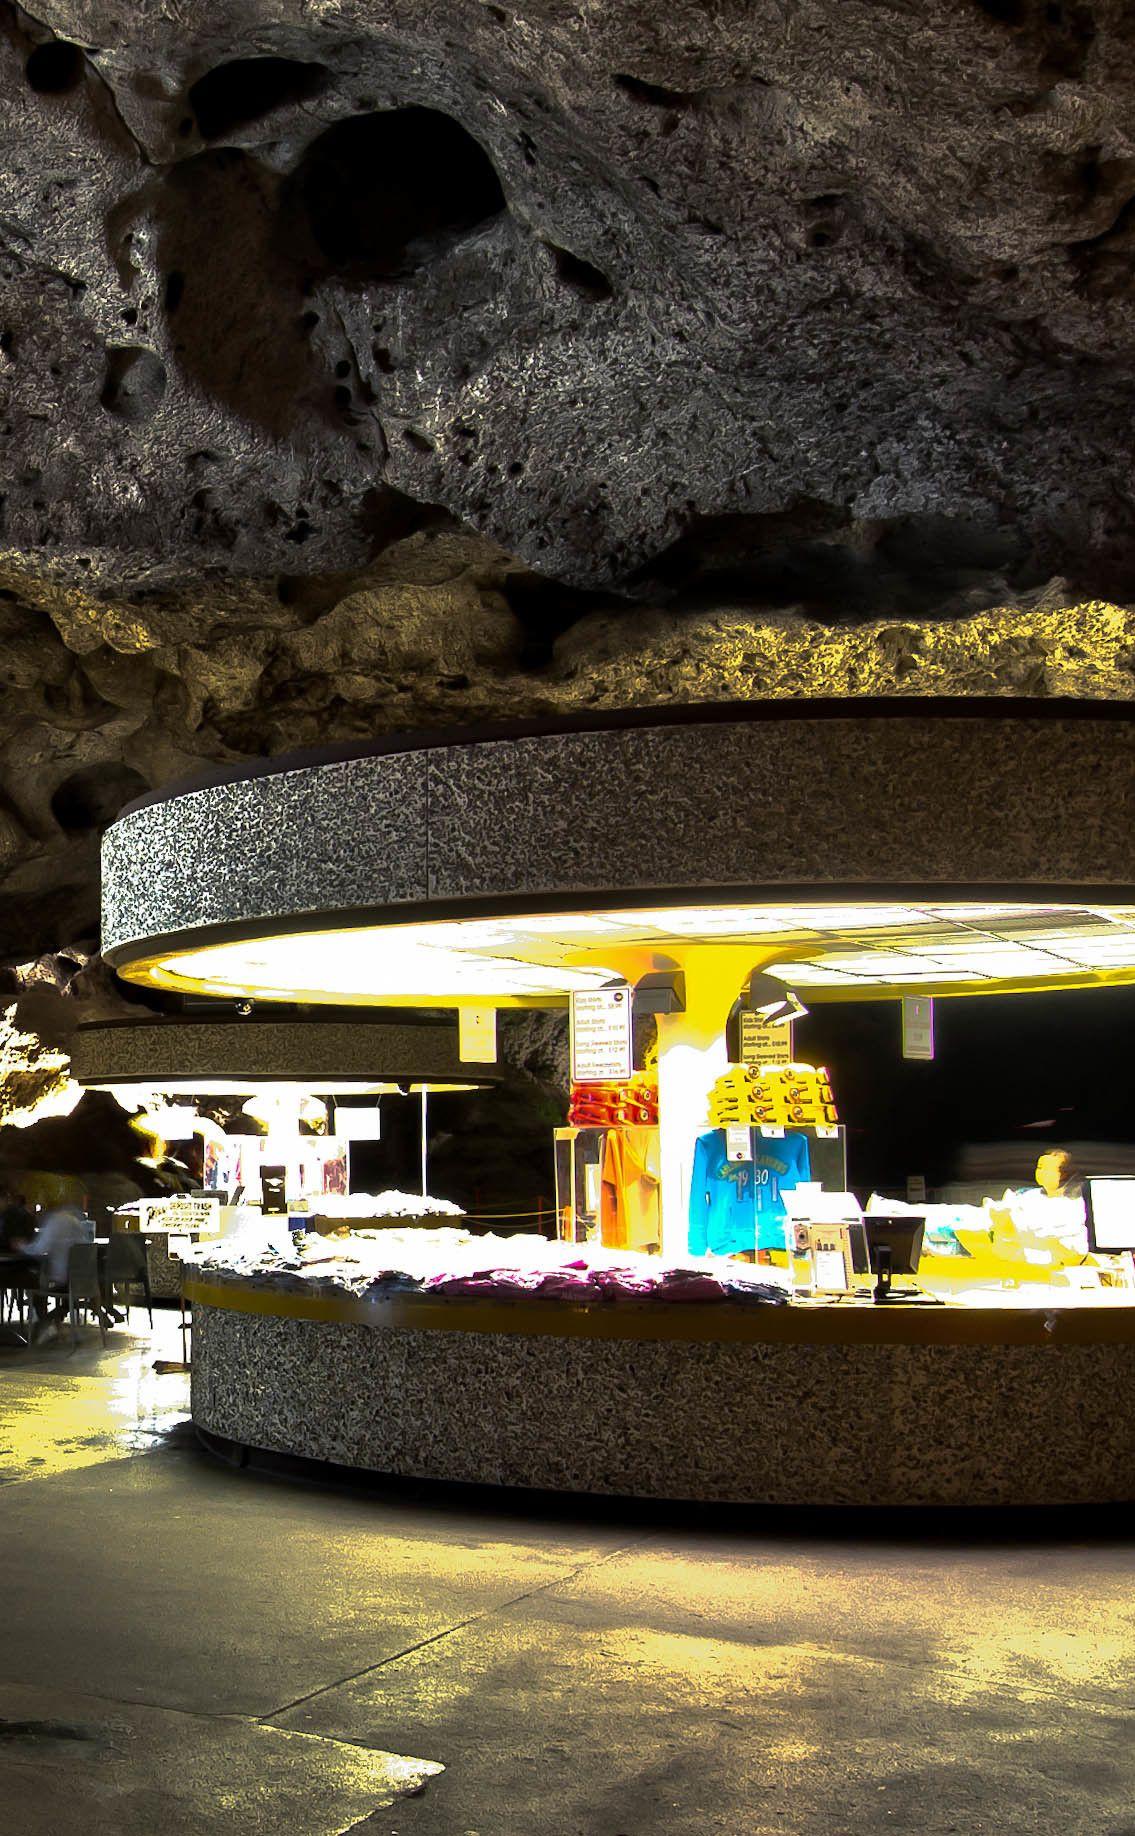 Underground Lunchroom Carlsbad Caverns New Mexico Carlsbad New Mexico Carlsbad Caverns